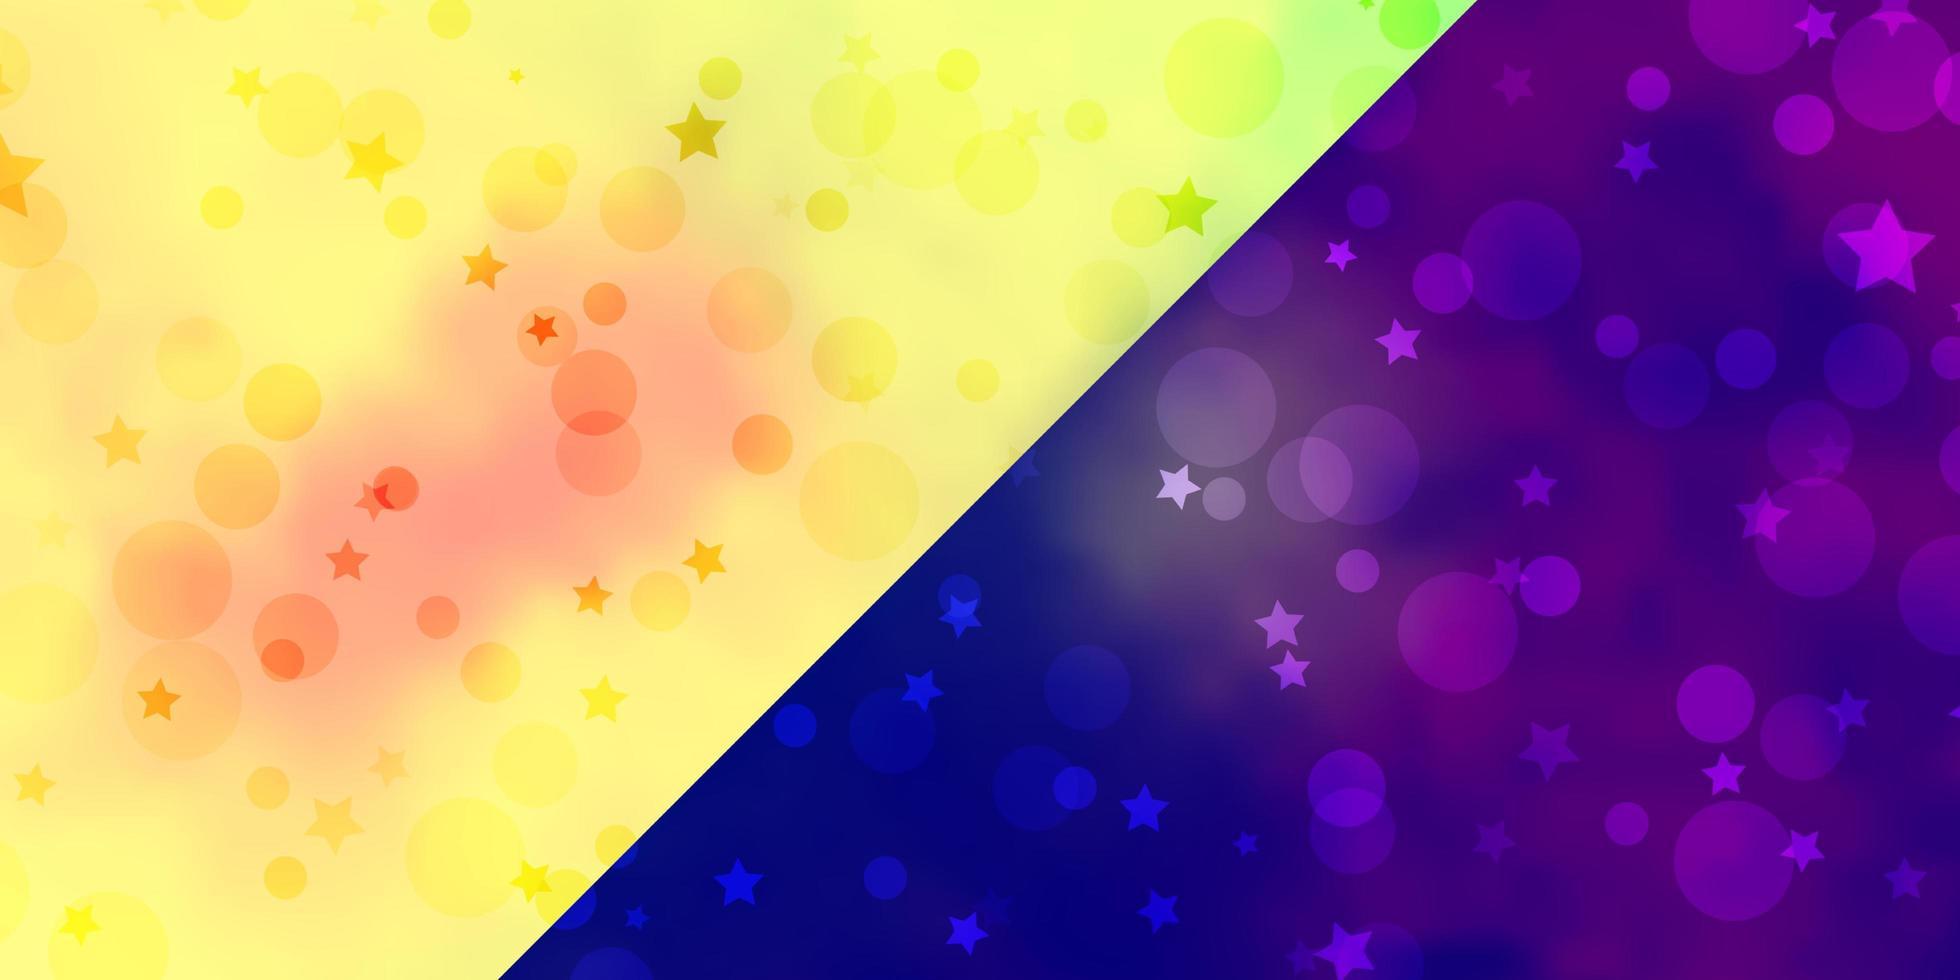 toile de fond de vecteur avec des cercles, des étoiles.